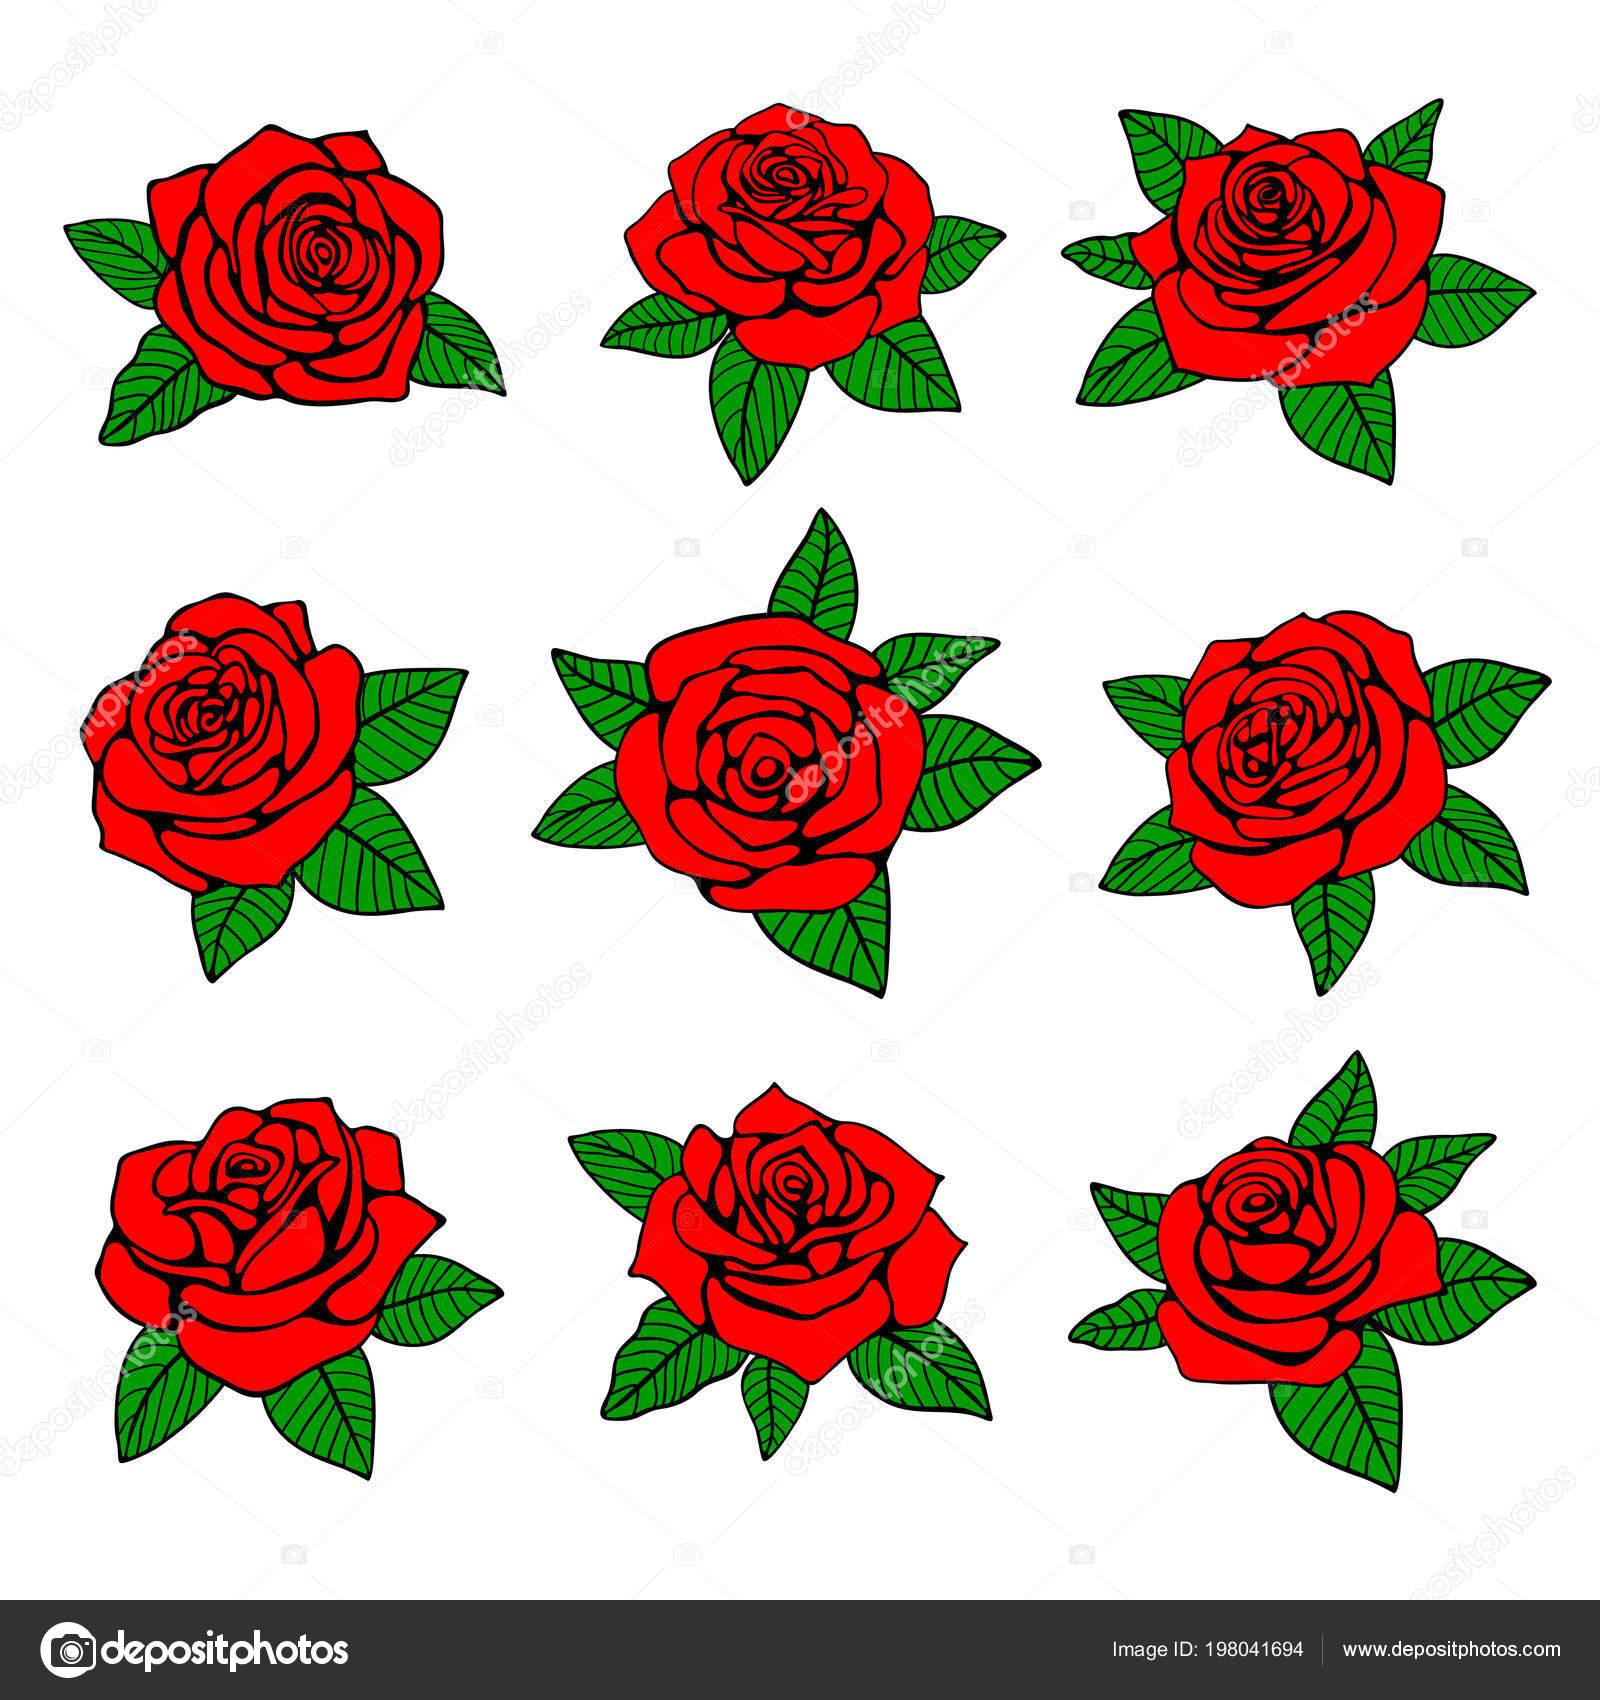 Rose Rosse Con Foglie Verdi Disegno Per Tatuaggio Vettoriale